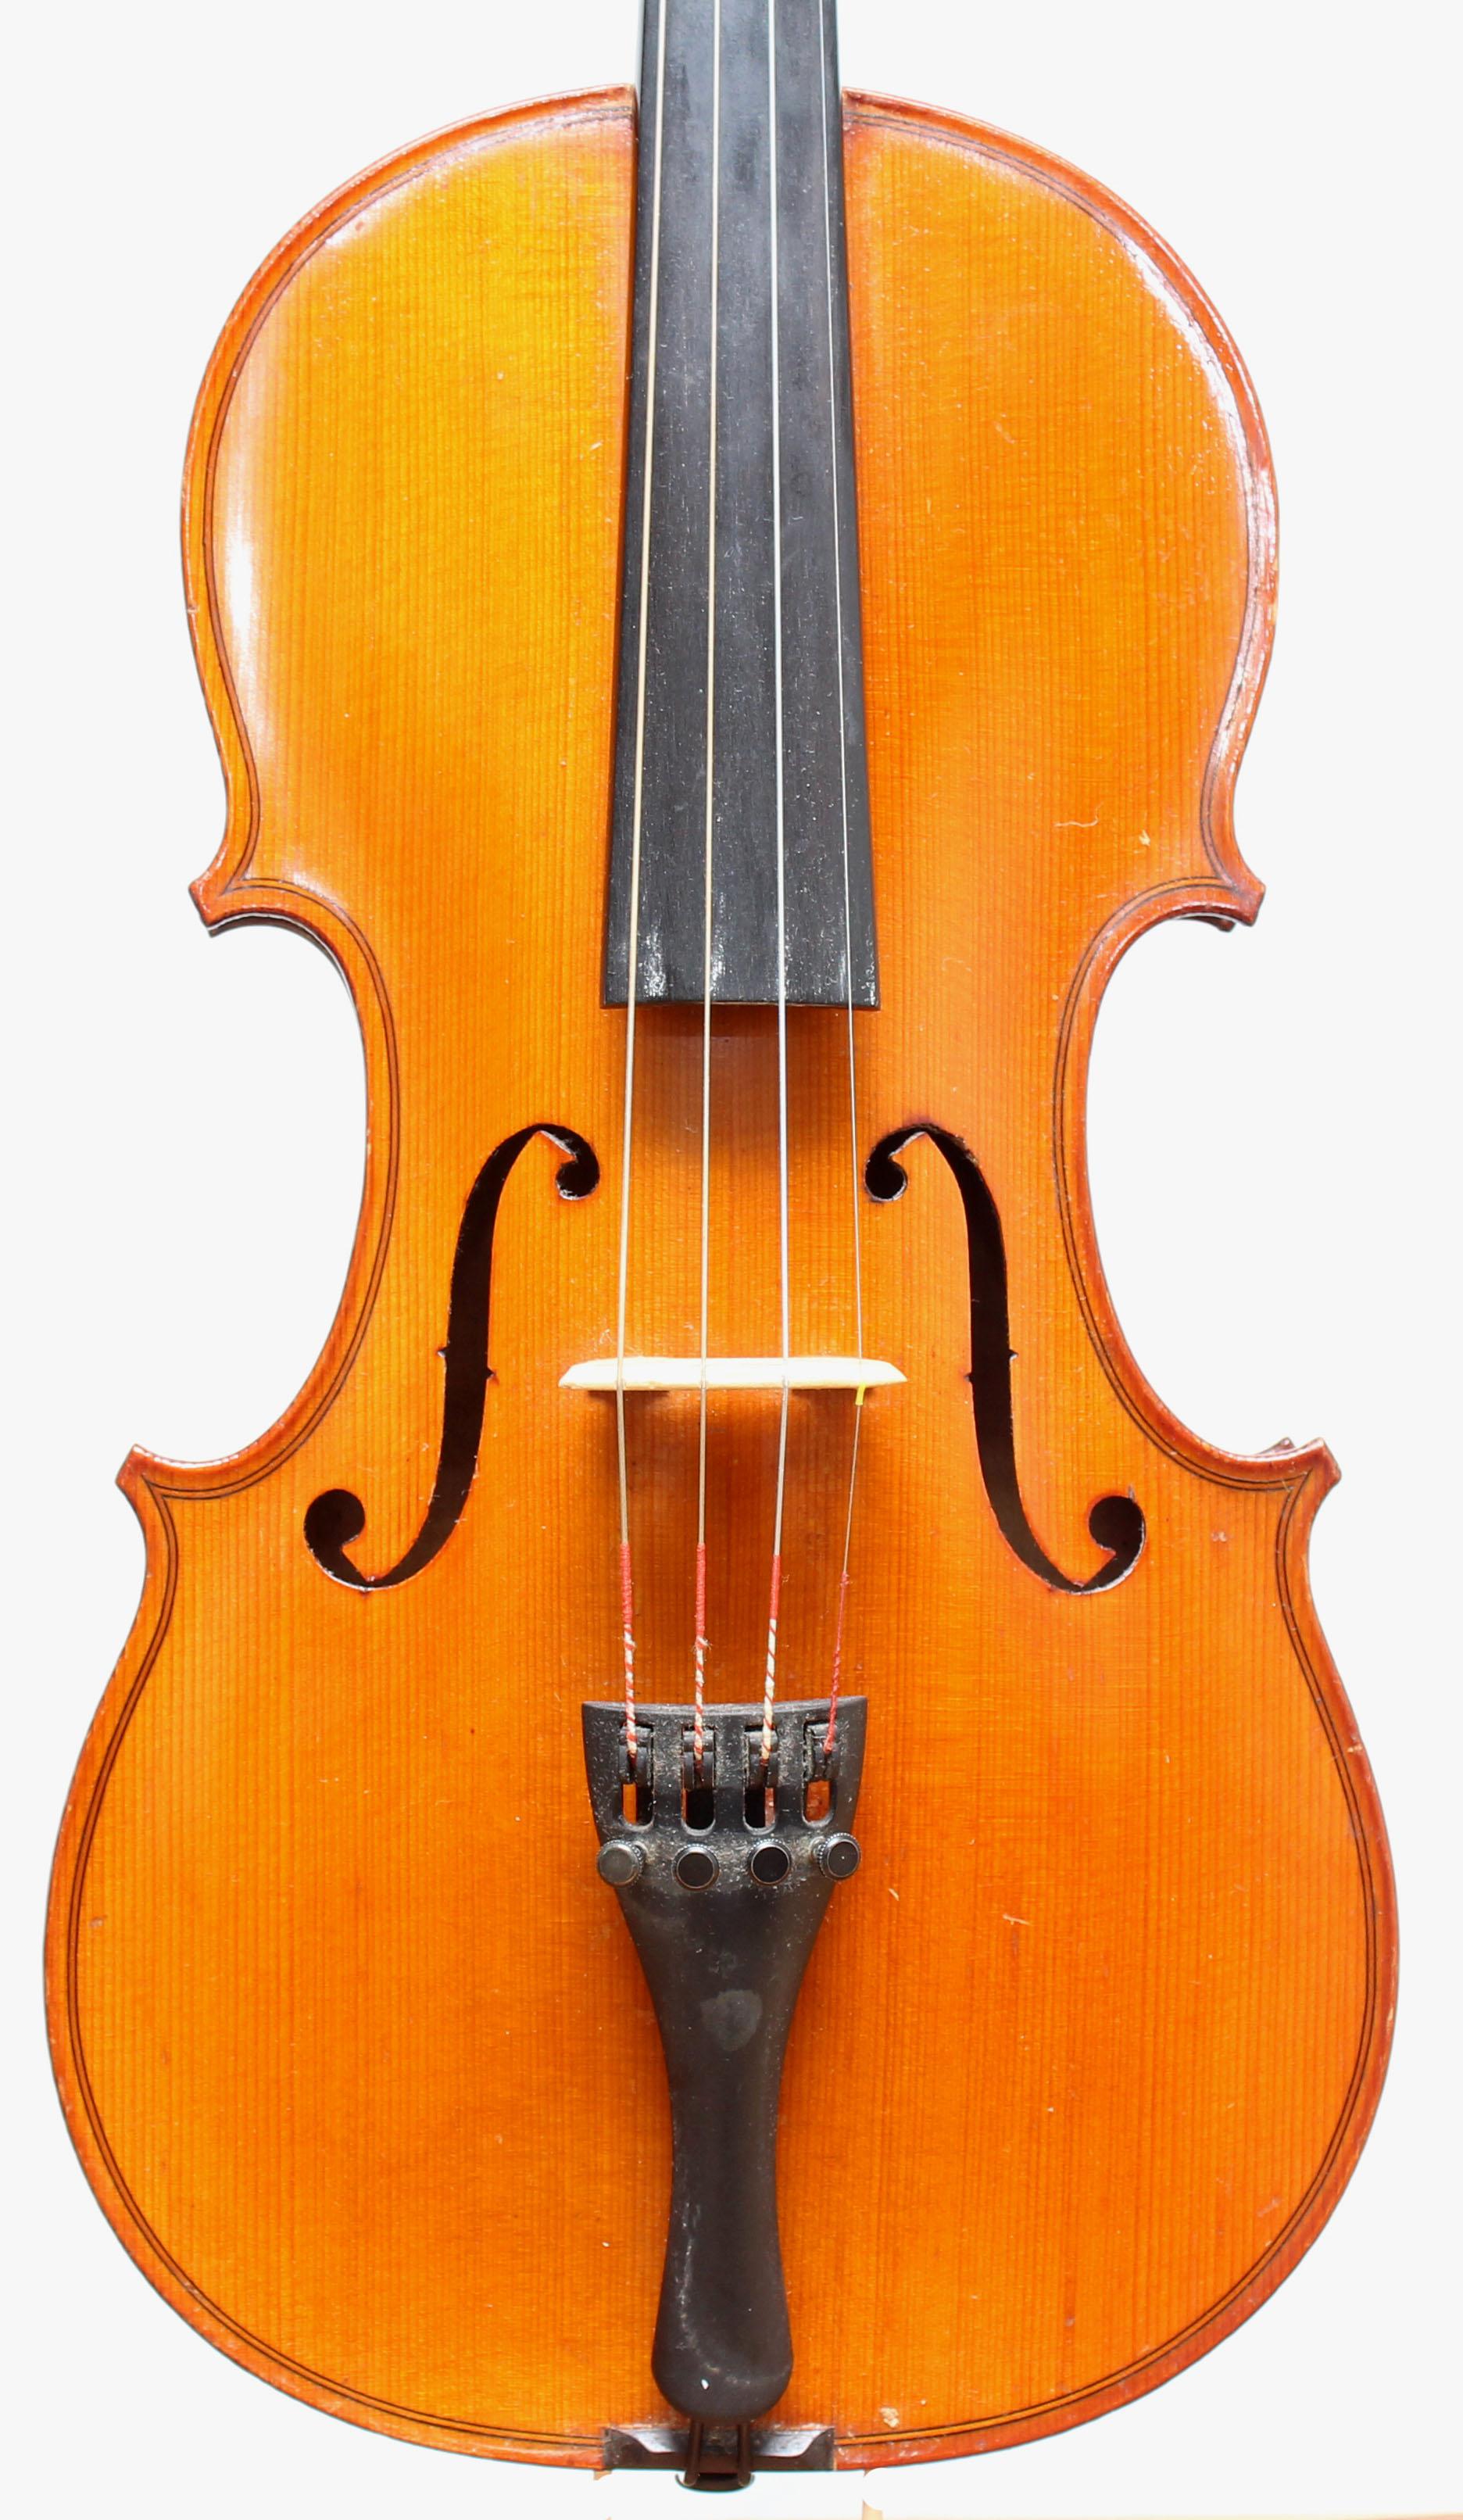 french mirecourt violin for sale vincent purcell violins. Black Bedroom Furniture Sets. Home Design Ideas